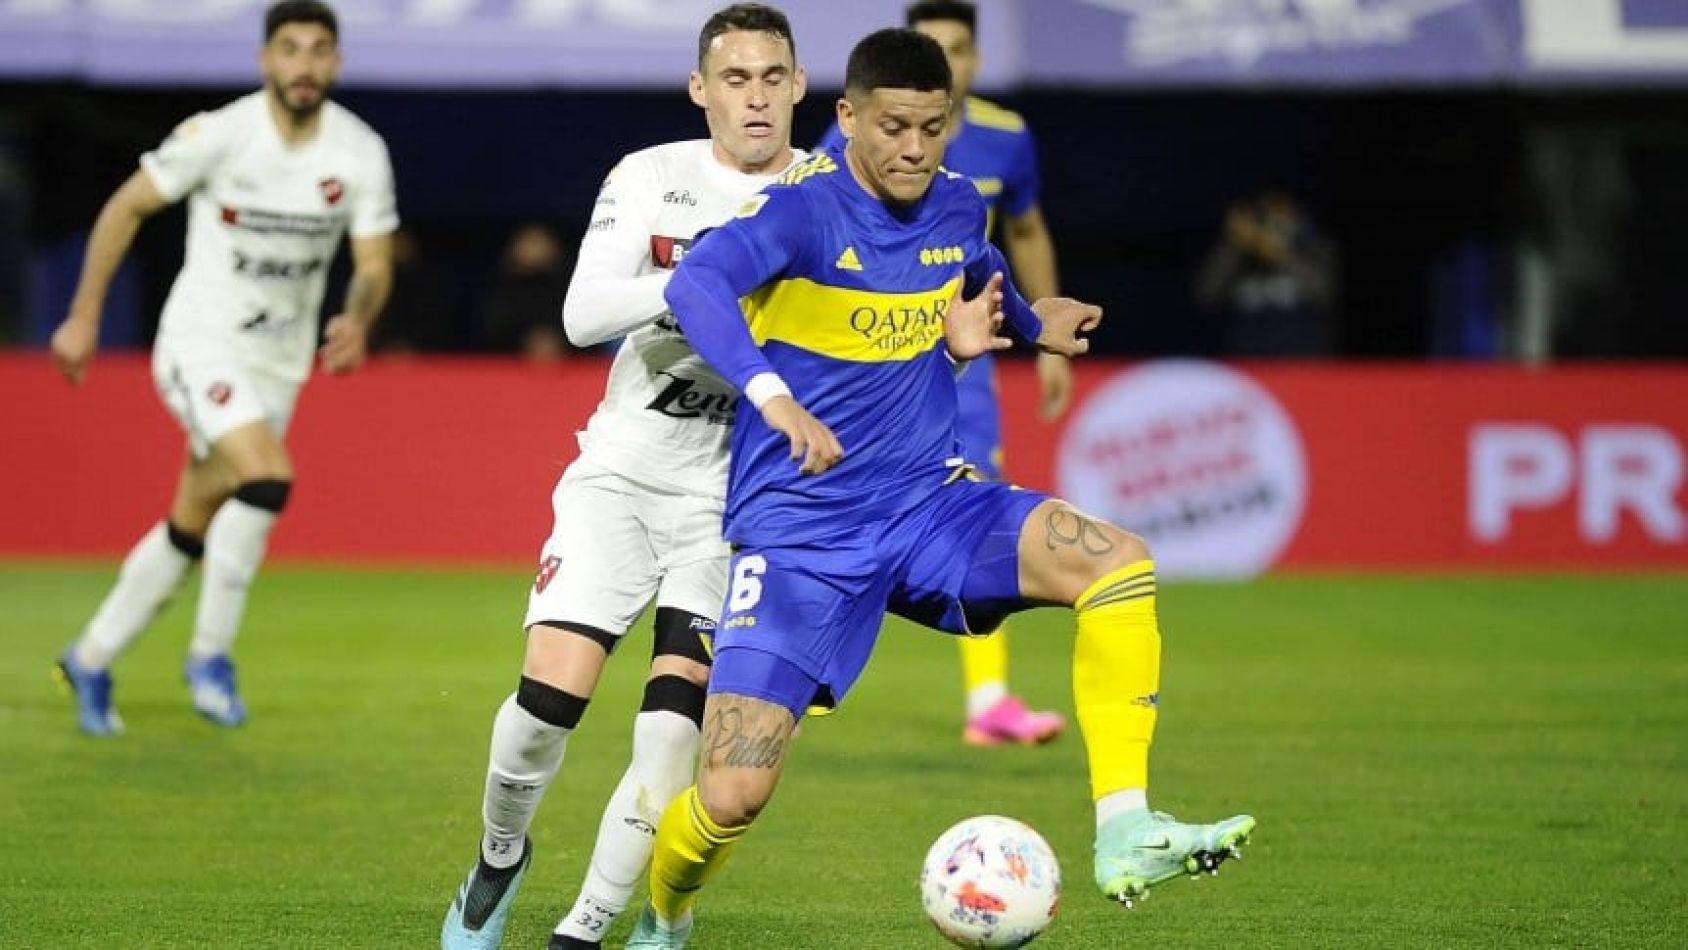 Boca y Patronato, por cuartos de final de la Copa Argentina: horario, TV y formaciones.